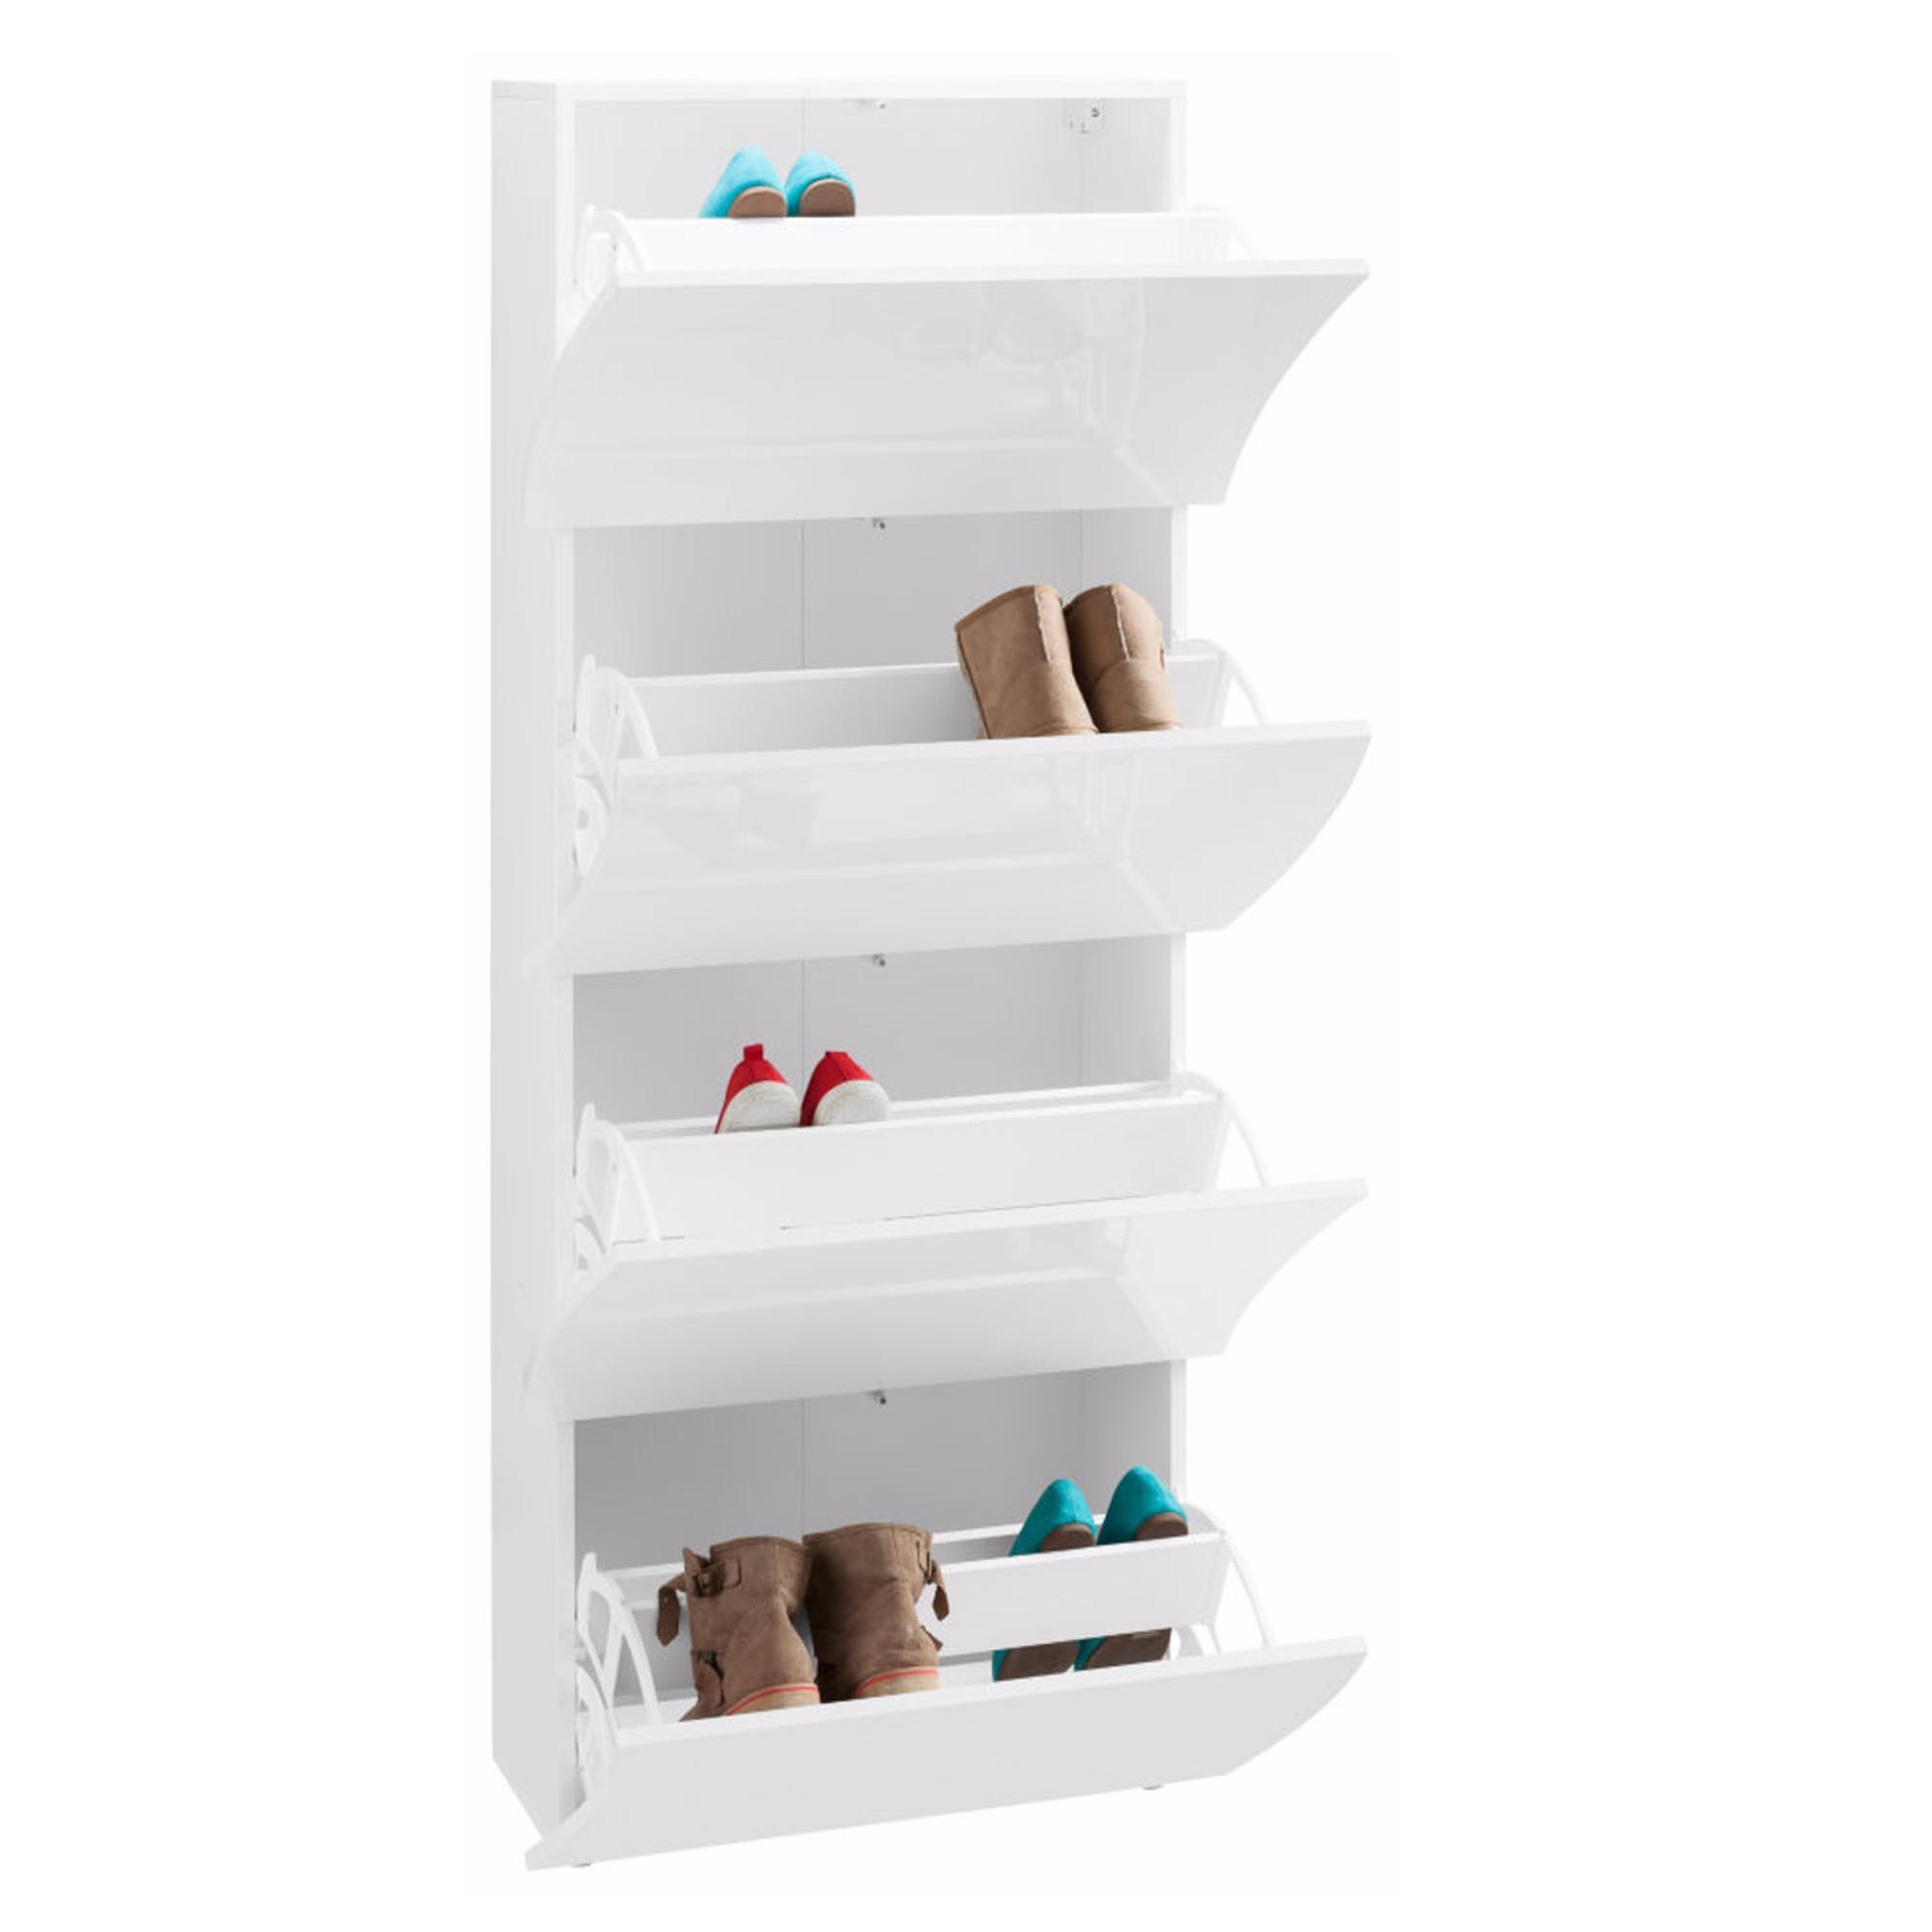 scarpiera 4 ante 71x28xh162 cm in legno bianco laccato onda 24 paia in kit di montaggio tecnos. Black Bedroom Furniture Sets. Home Design Ideas